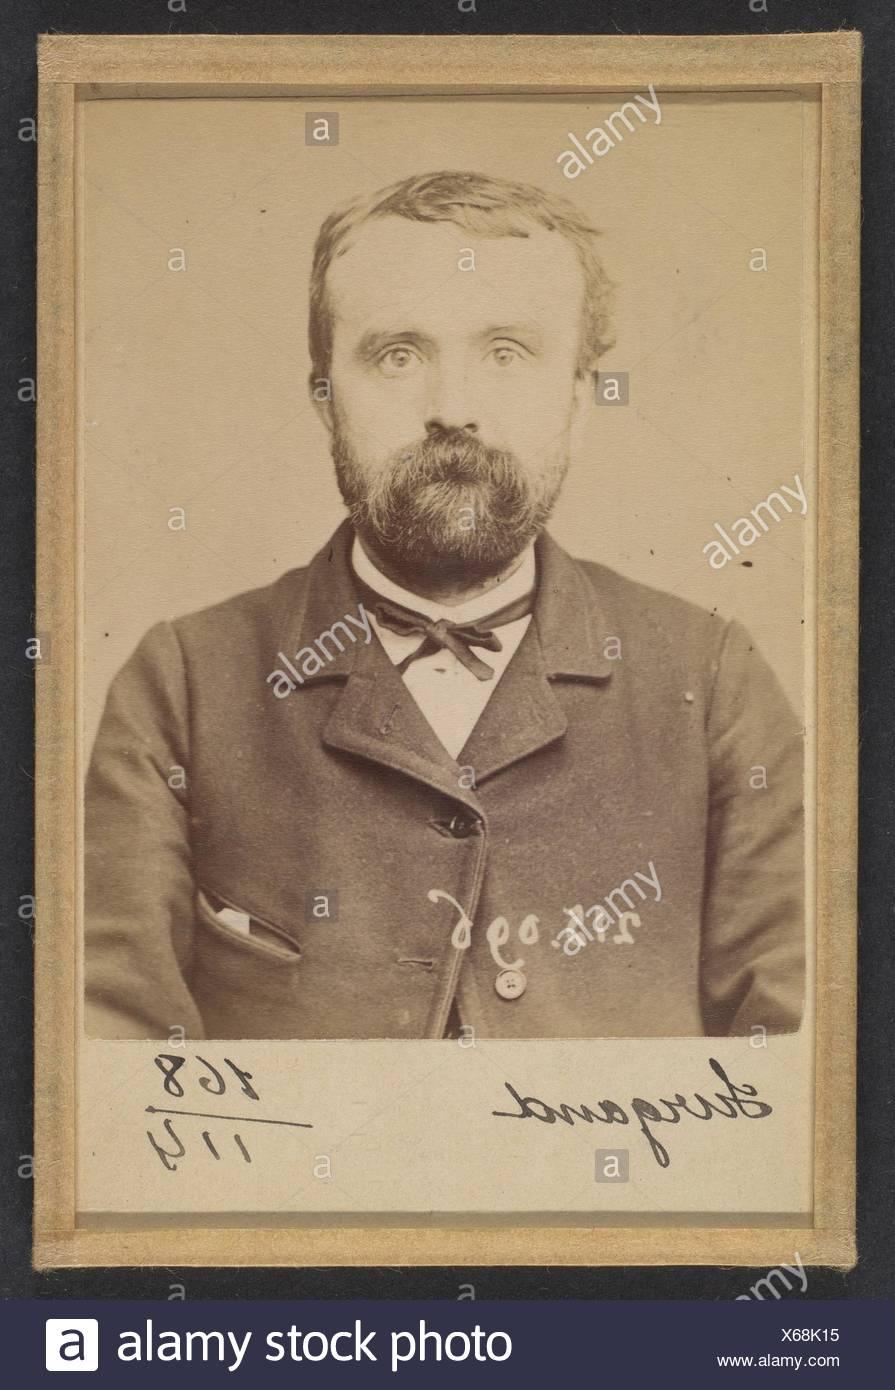 Surgand. Alphonse. 21 ans, né à Lyon. Réparateur de chaussures. Anarchiste. 4/3/94. Artist: Alphonse Bertillon (French, 1853-1914); Date: 1894; - Stock Image